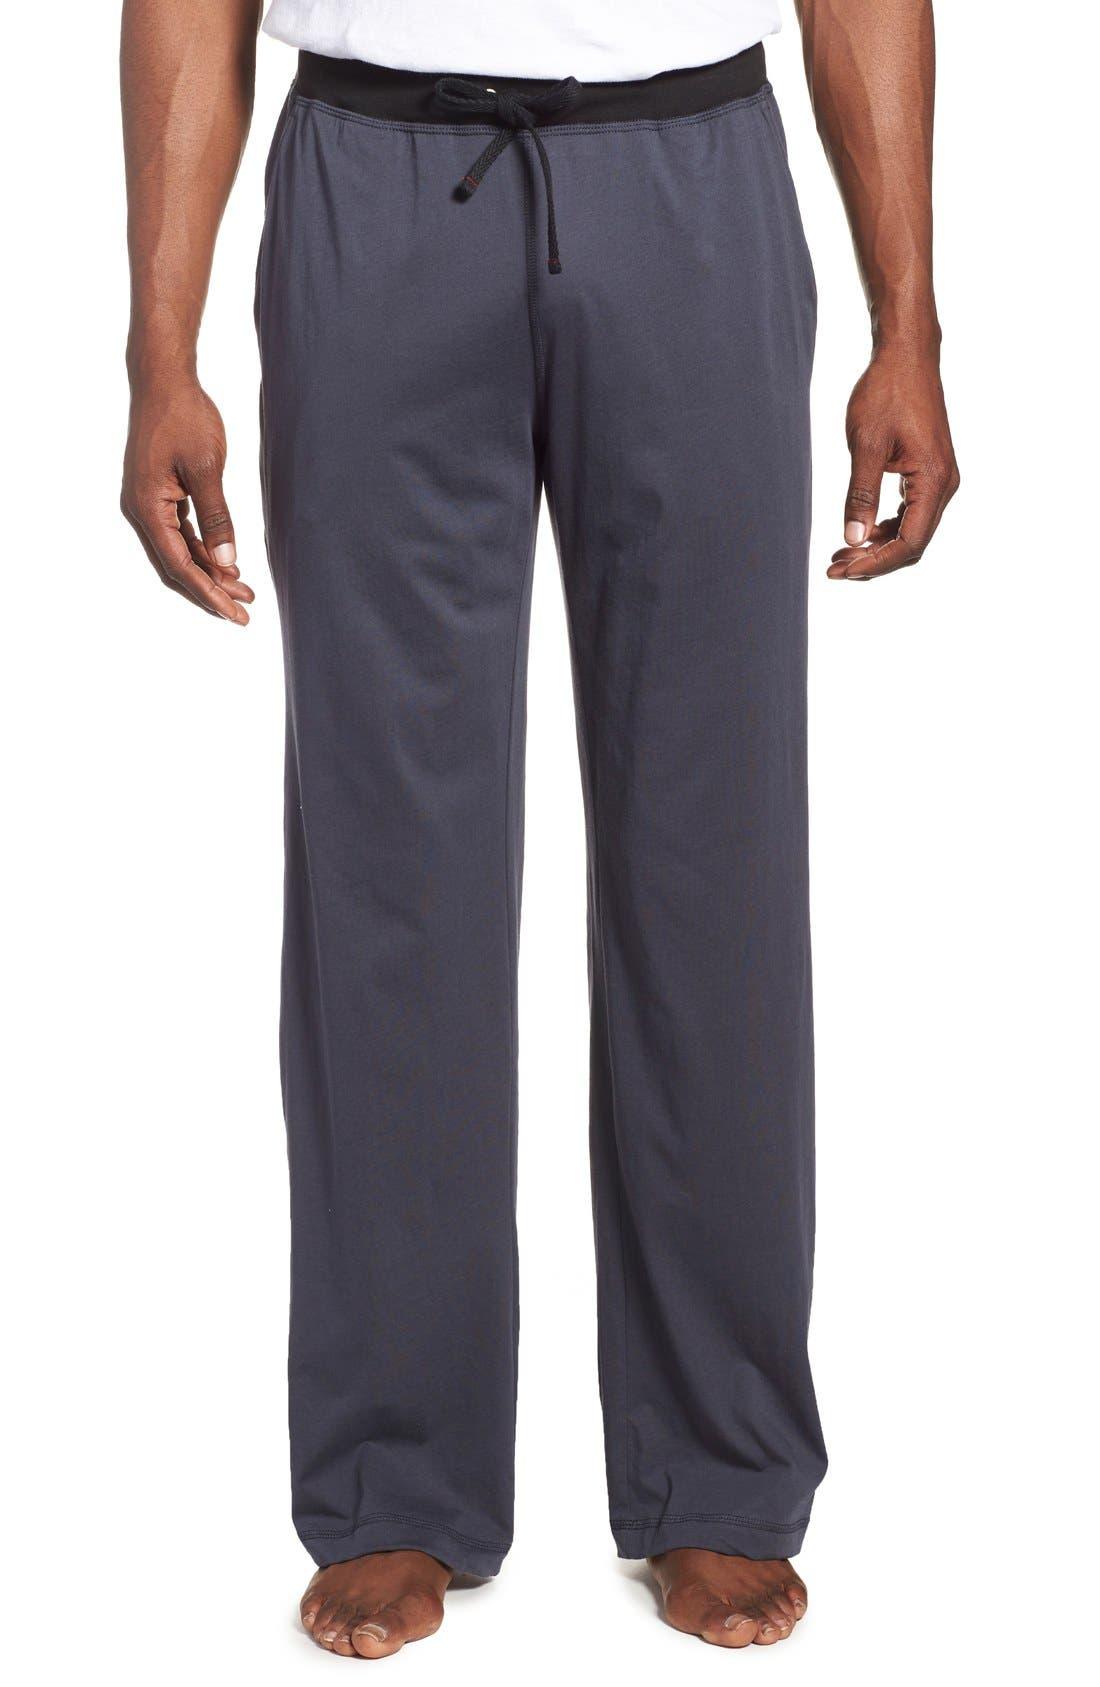 DANIEL BUCHLER Peruvian Pima Cotton Lounge Pants, Main, color, INK